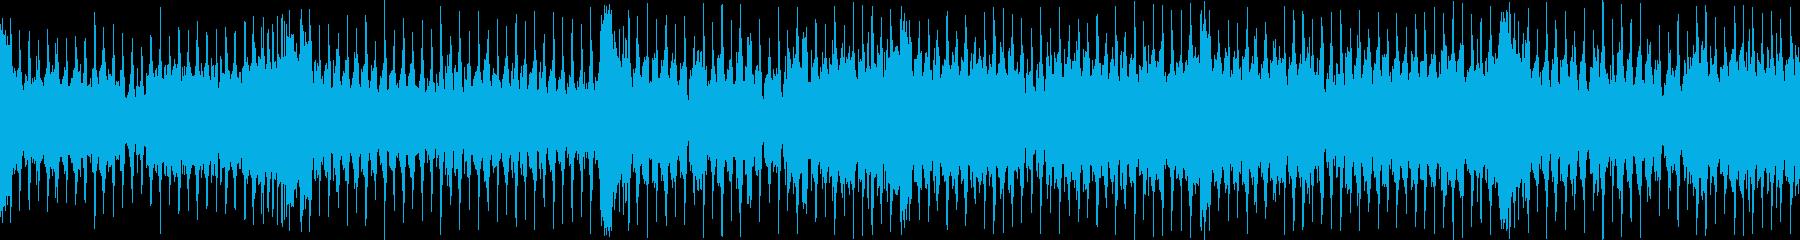 ▽結婚行進曲 メンデルスゾーン ループ可の再生済みの波形